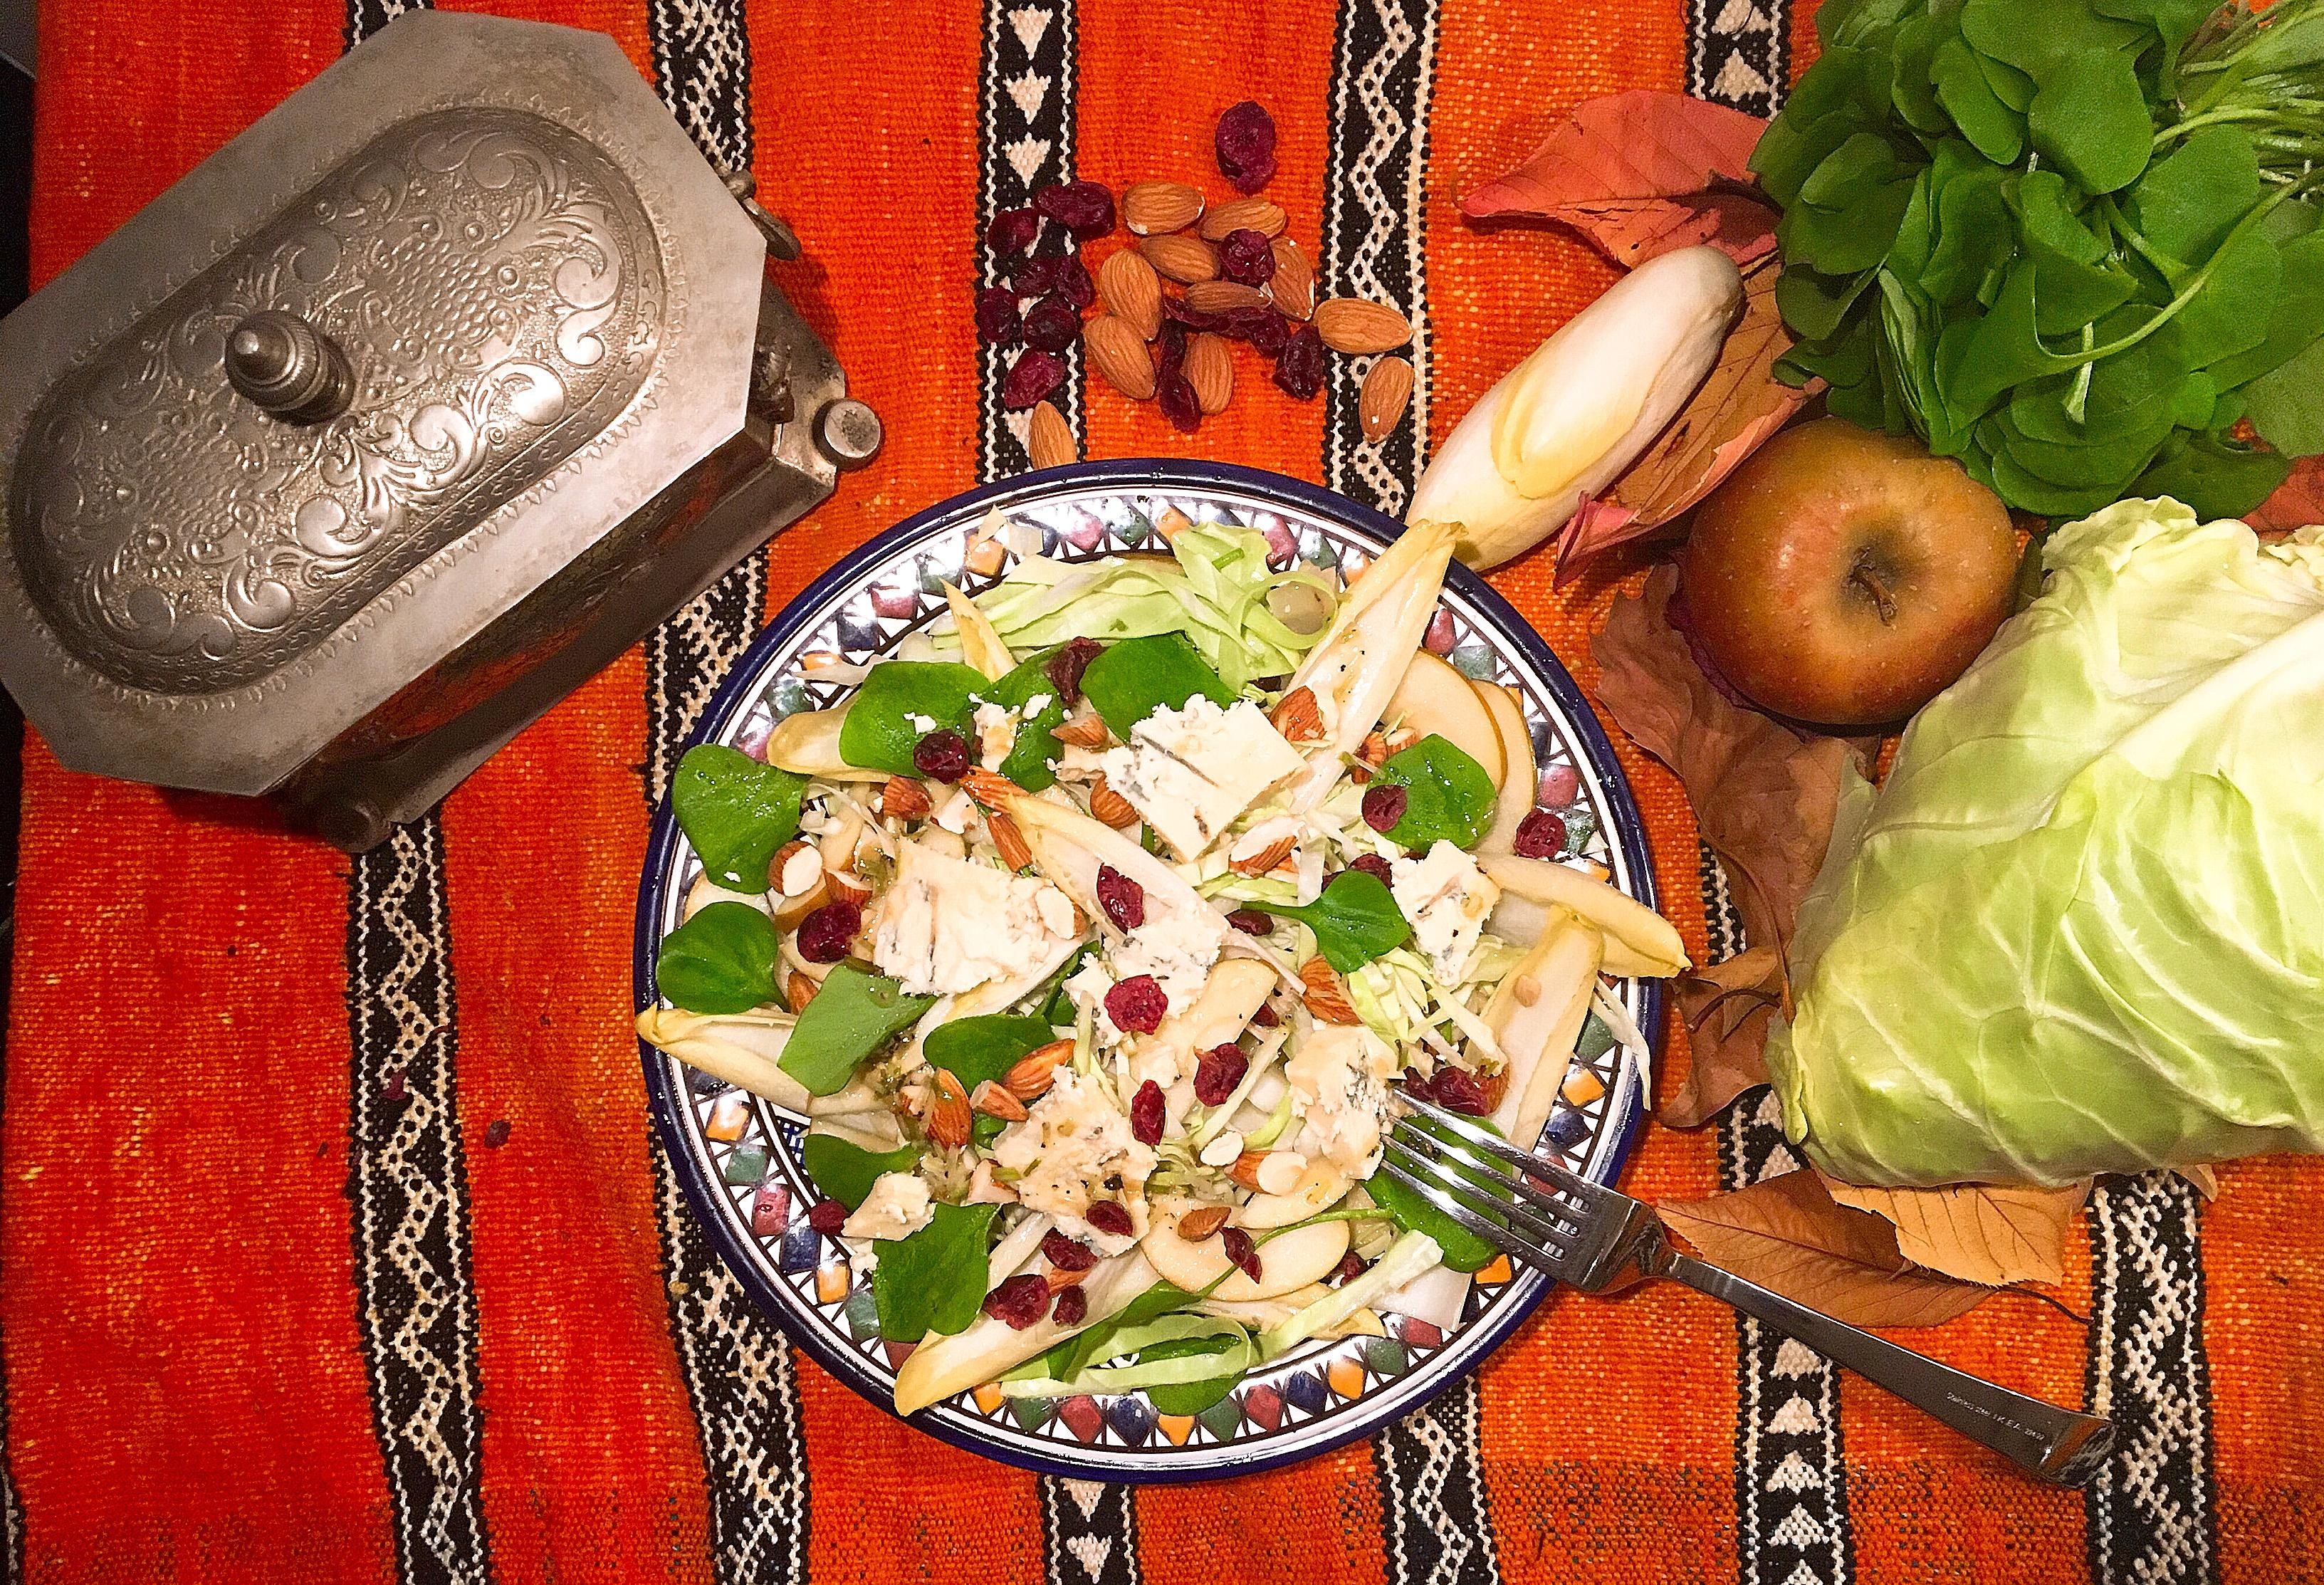 Salade de chicons au bleu, au chou , pommes , claytone et  fruits secs (mais sans excel dedans)